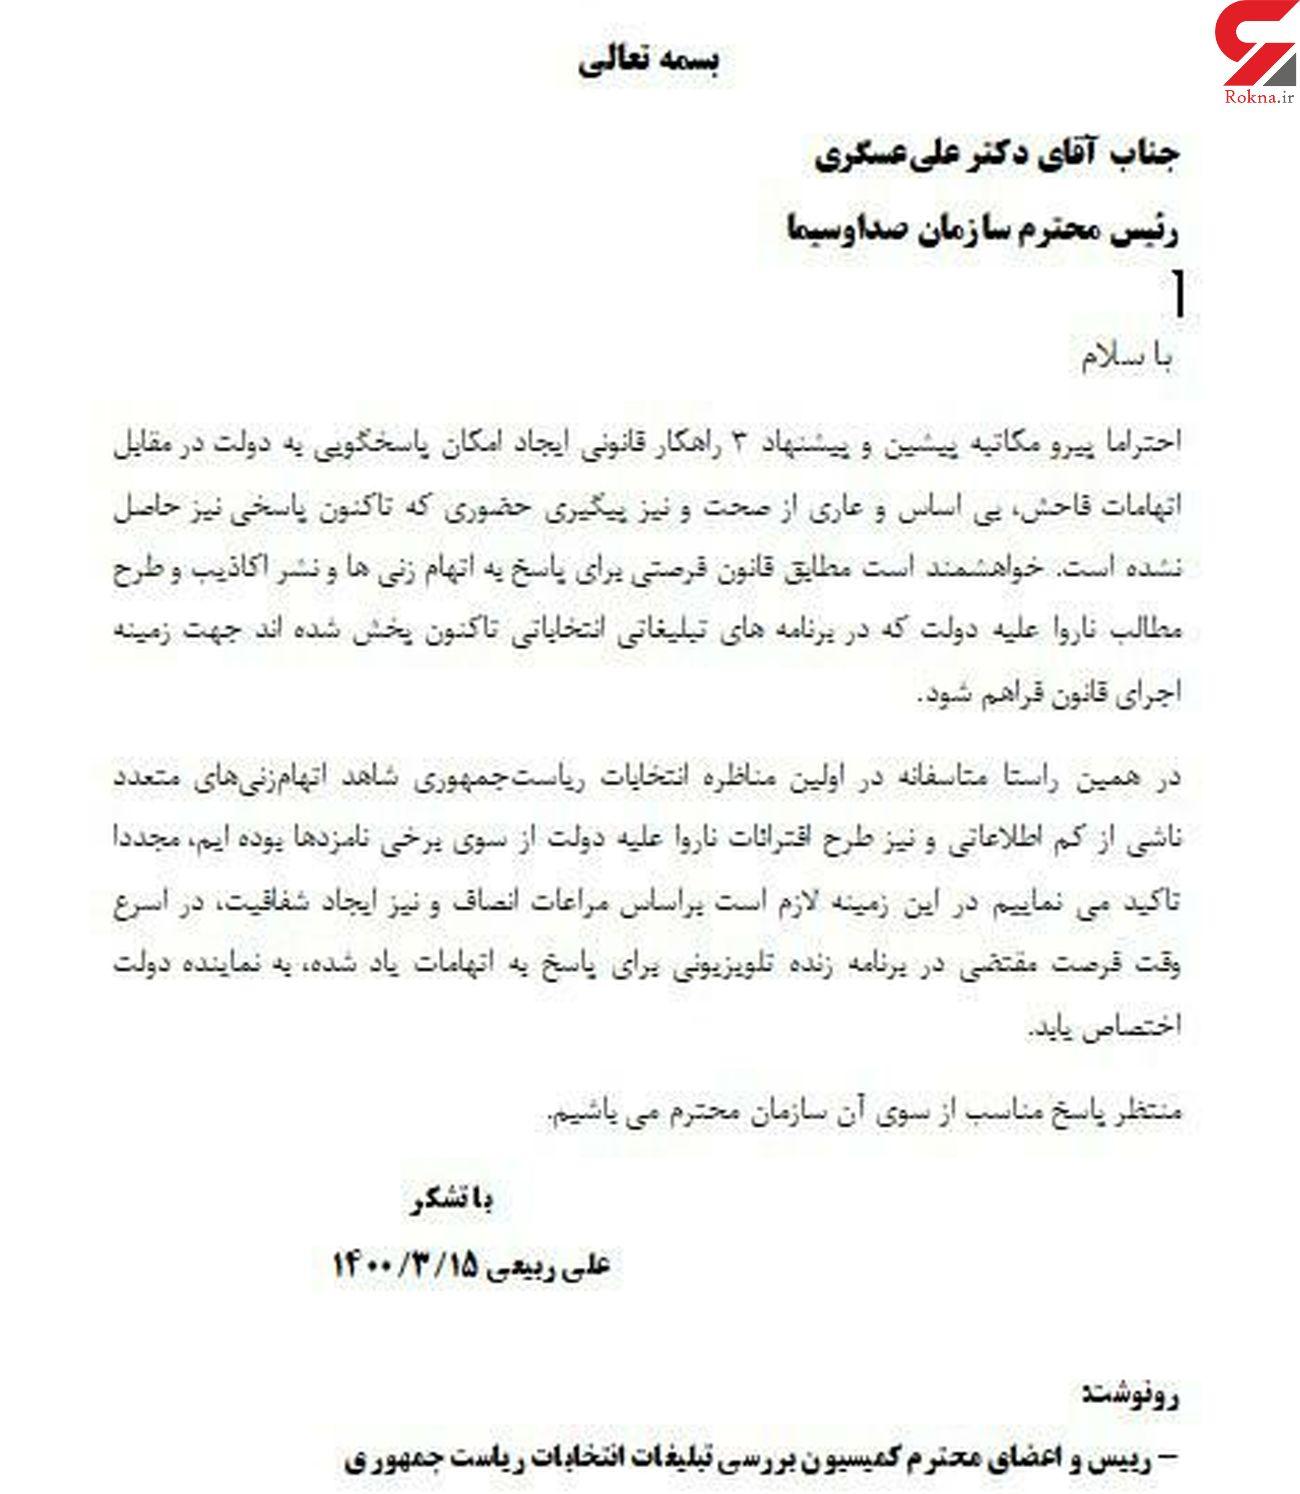 گلایه از اتهام زنی به دولت در مناظره ها + متن نامه ربیعی